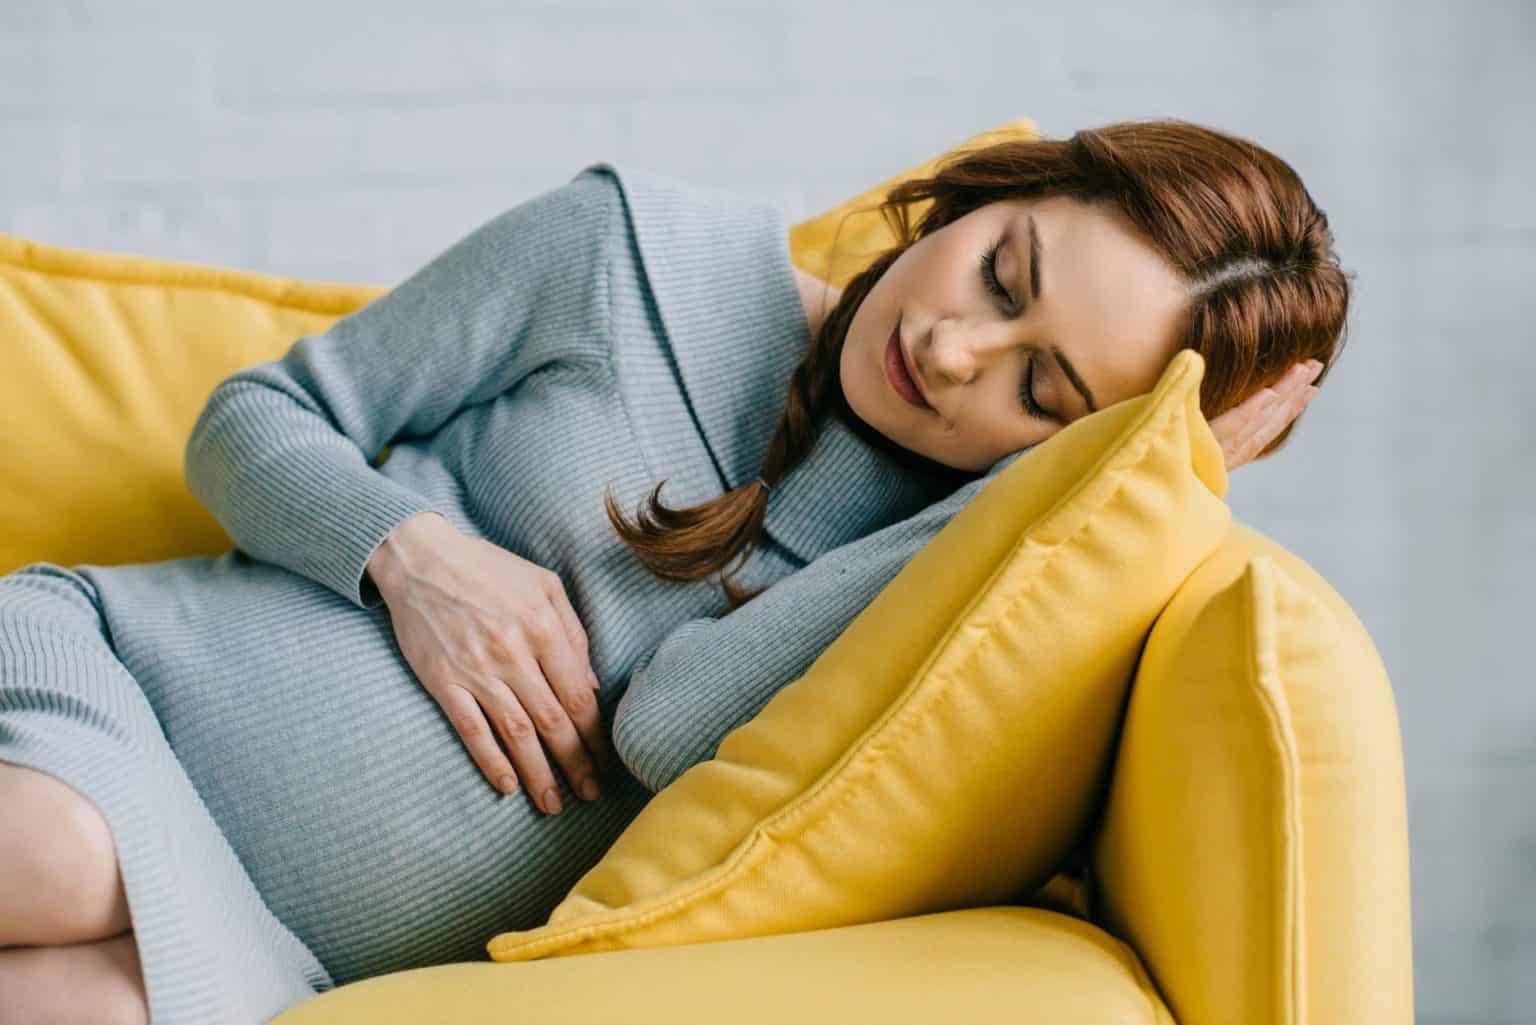 Müdigkeit in der Schwangerschaft. Was tun bei Schwangerschaftsmüdigkeit. Schwangere liegt müde auf dem Sofa.